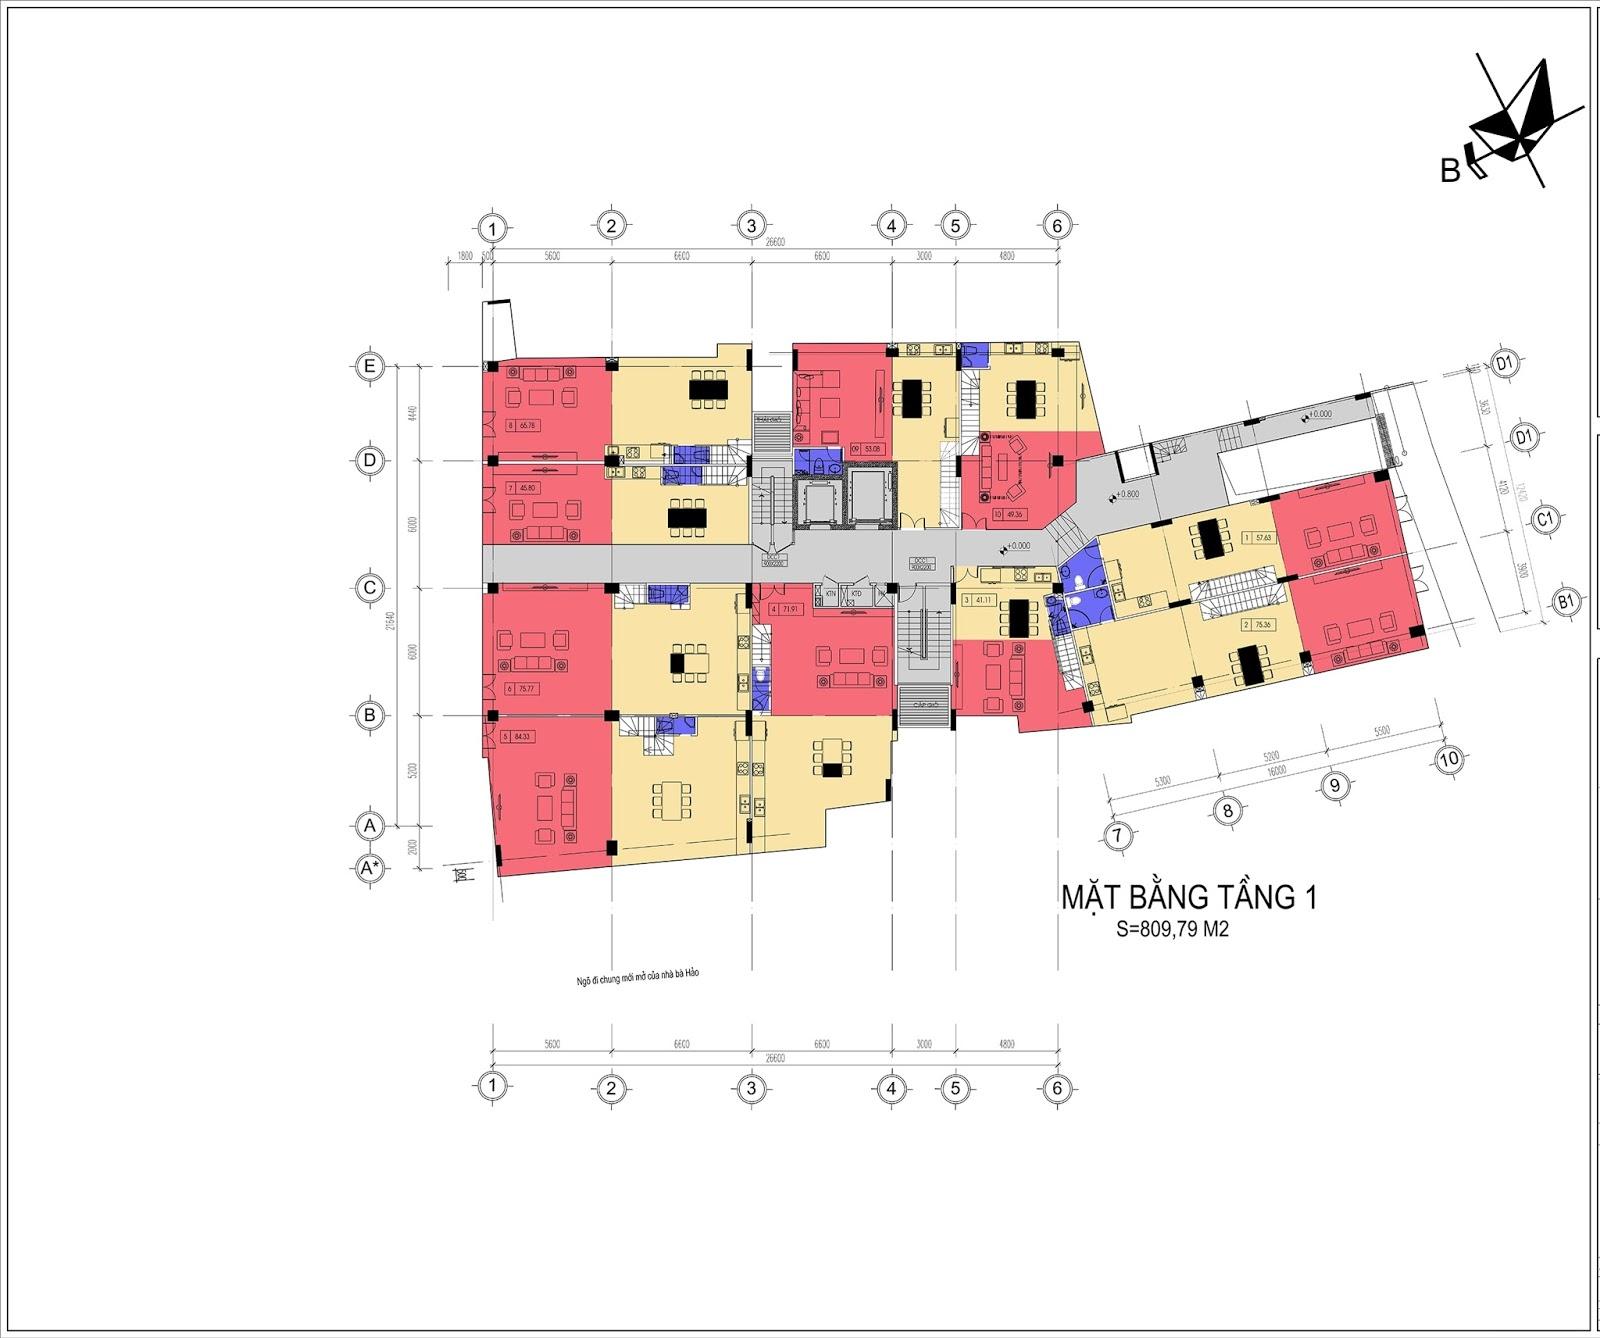 thiết kế hiện đại tạo nên phong cách sống khác biệt của dự án Núi Trúc Square